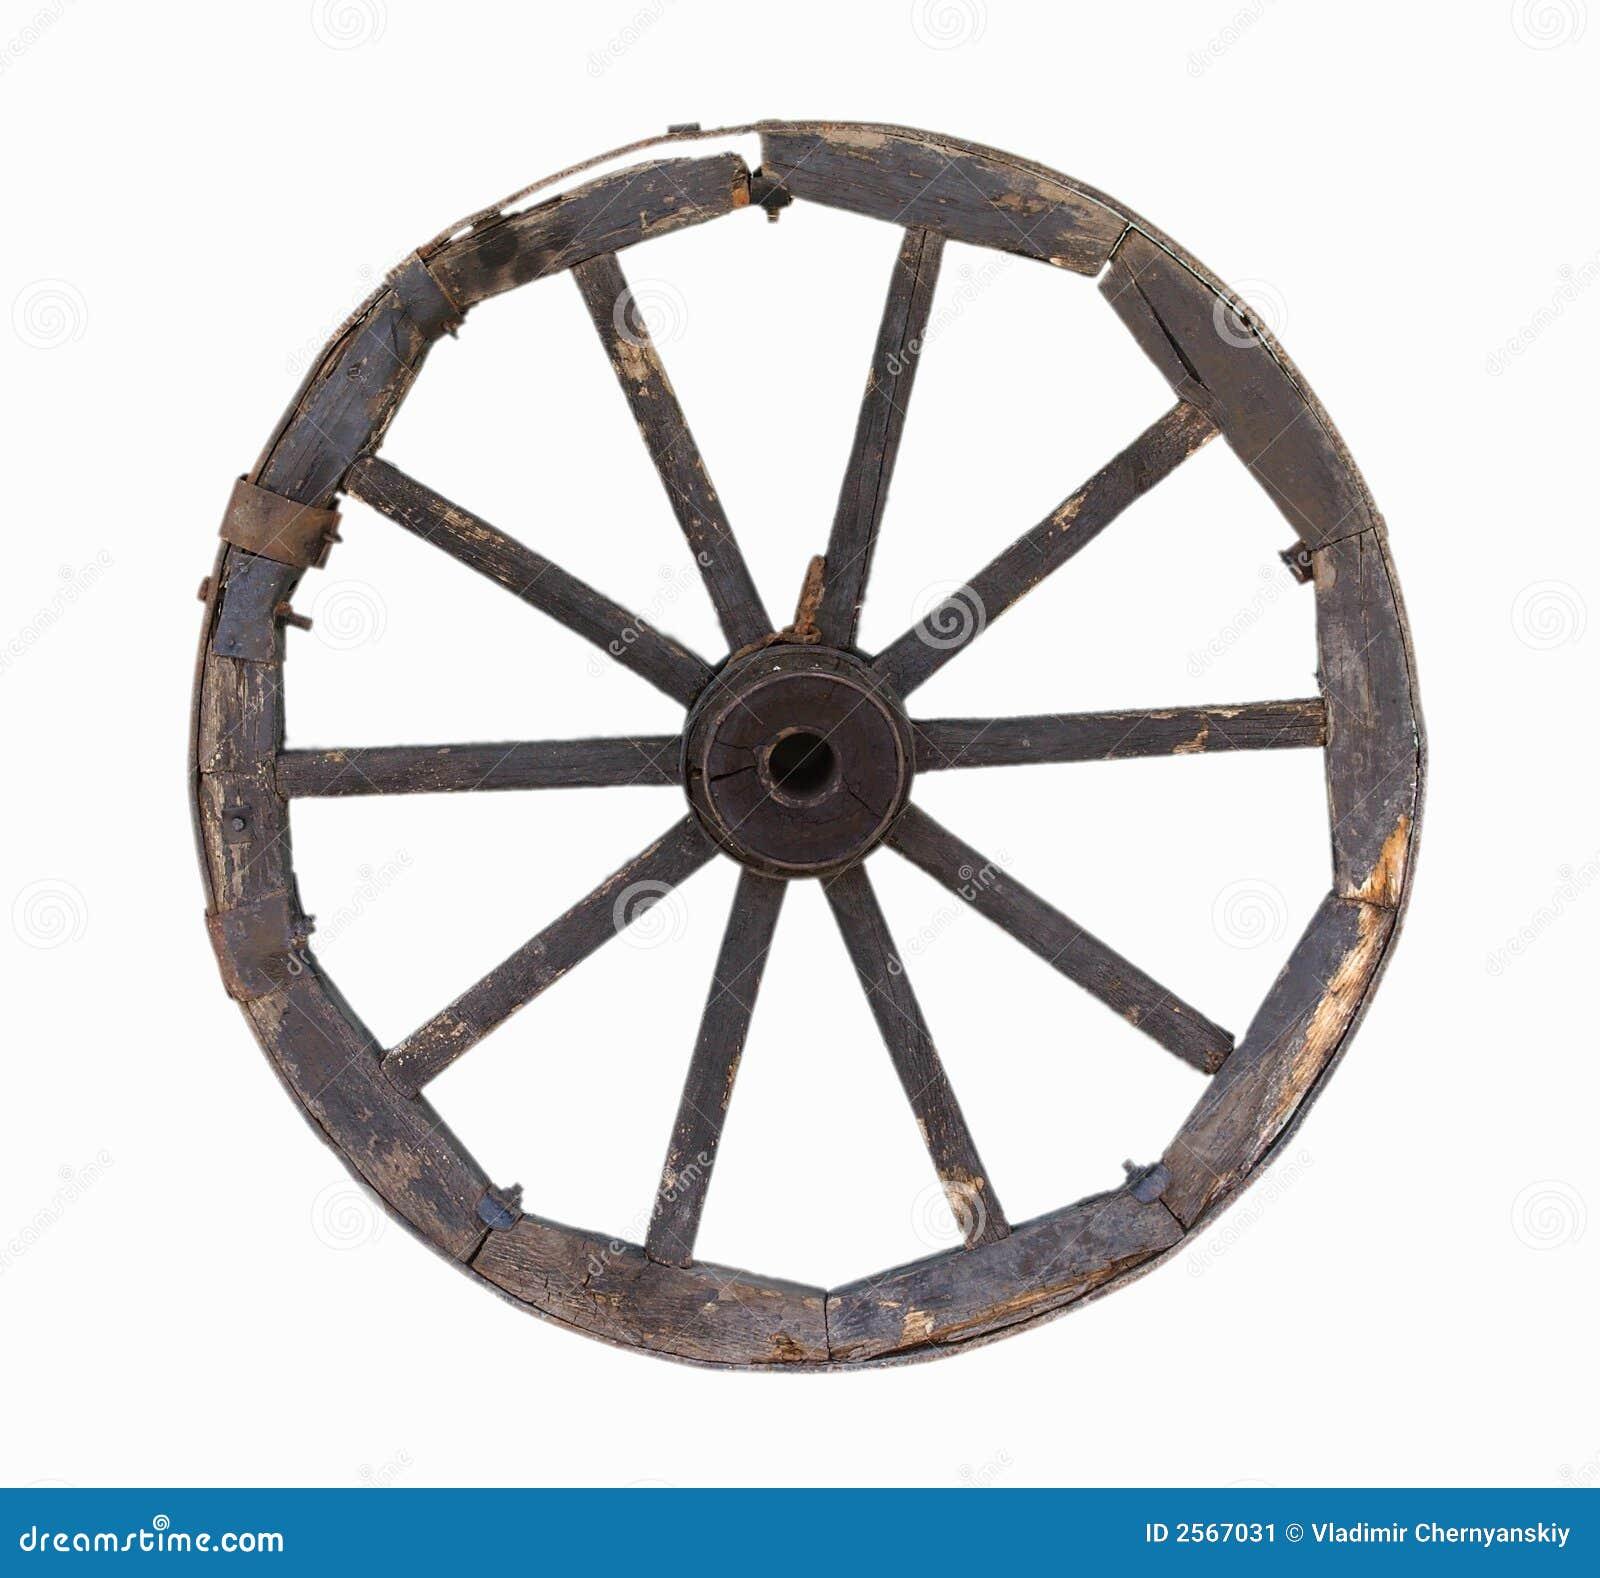 vieil objet de roue de chariot image stock image du abstrait rouill 2567031. Black Bedroom Furniture Sets. Home Design Ideas